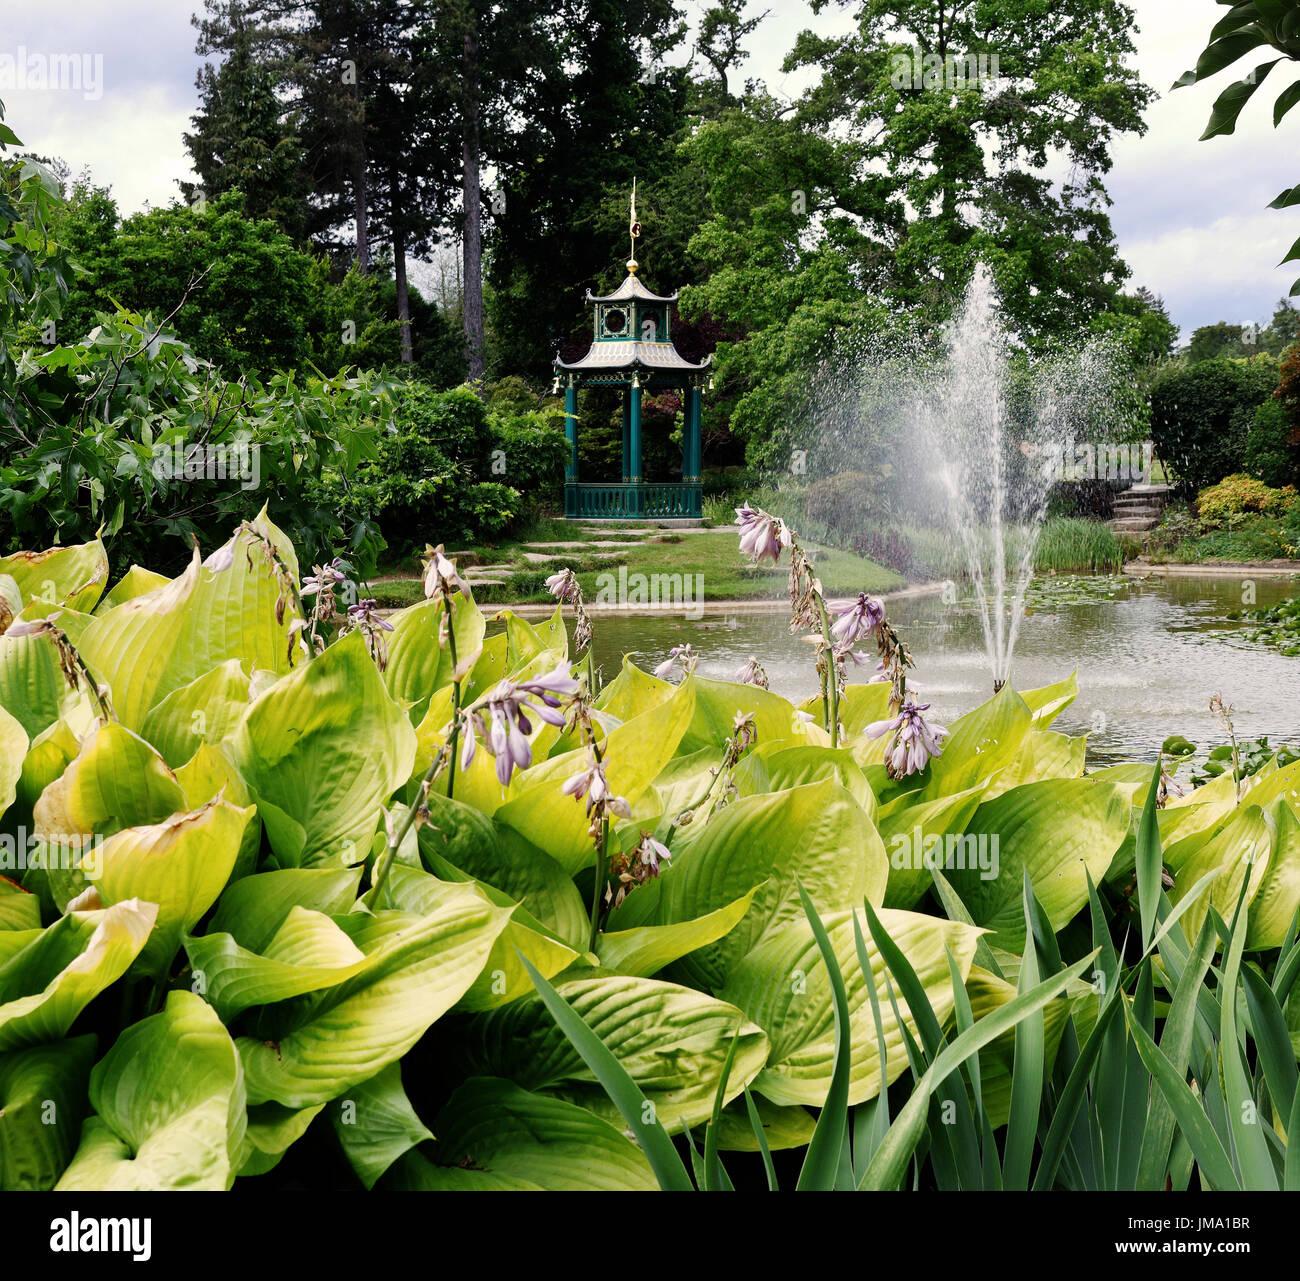 Japanese garden fountain stock photos japanese garden for Formal japanese garden